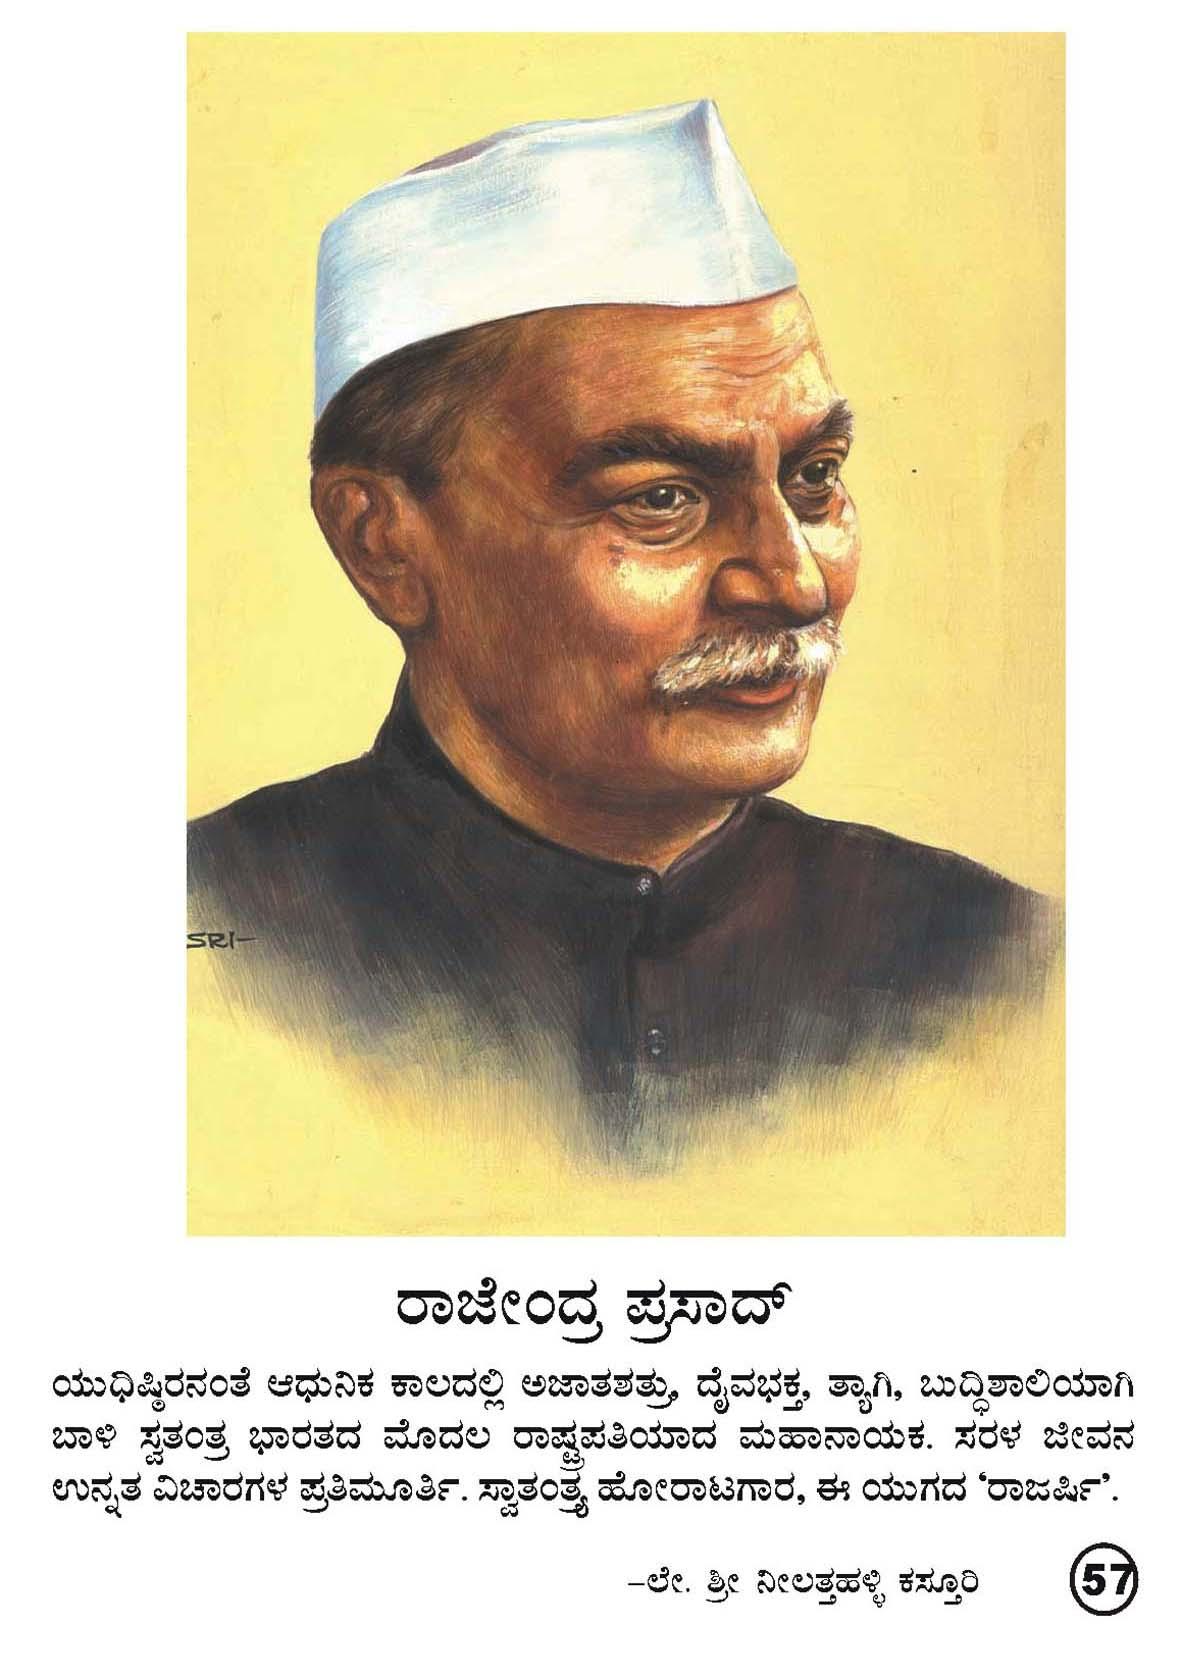 57-Rajendra Prasad - 57-Rajendra-Prasad1